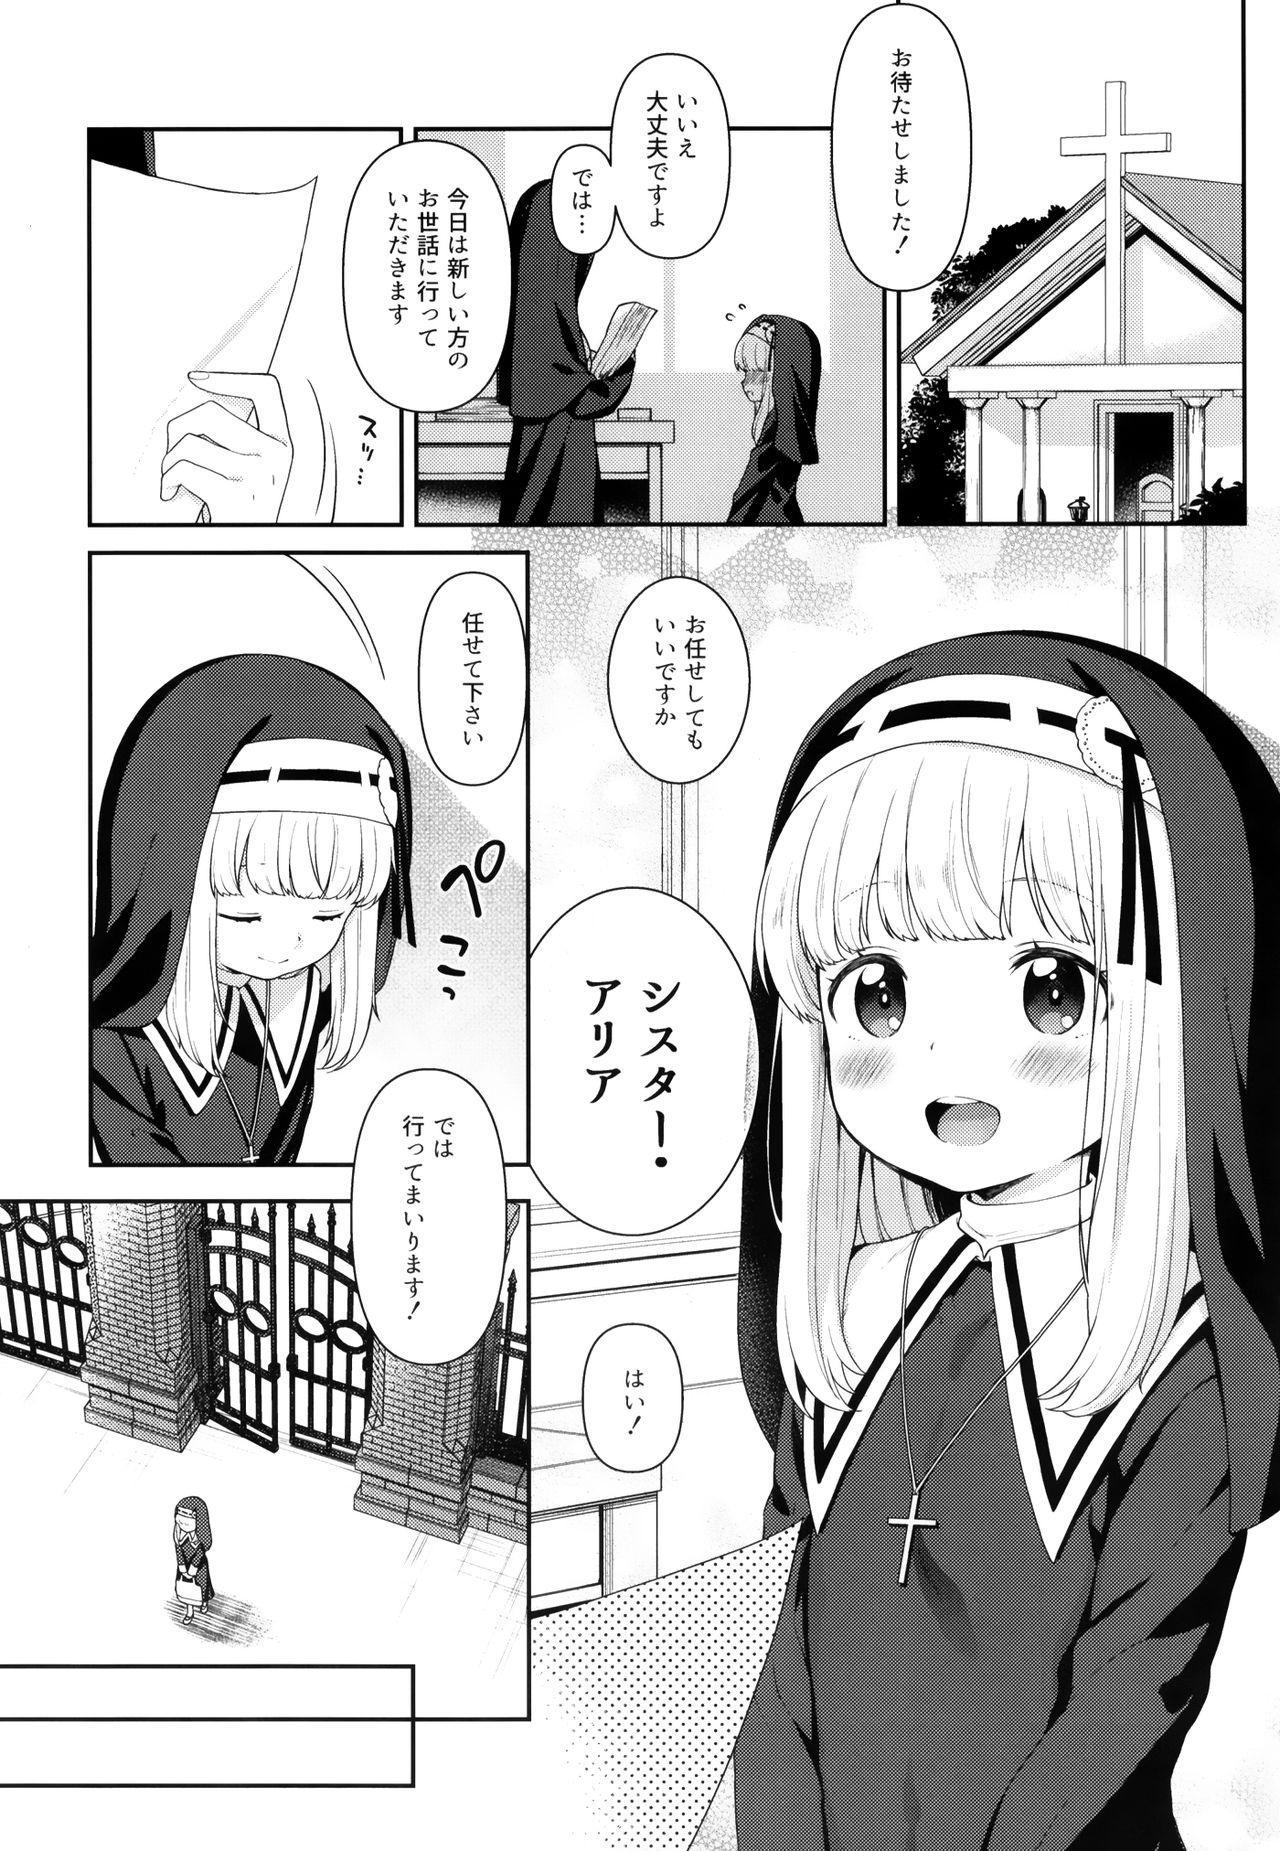 Keiken na Sister Minarai ga Otoko no Tokunou Seieki o Shiboritsukusu Hon 2